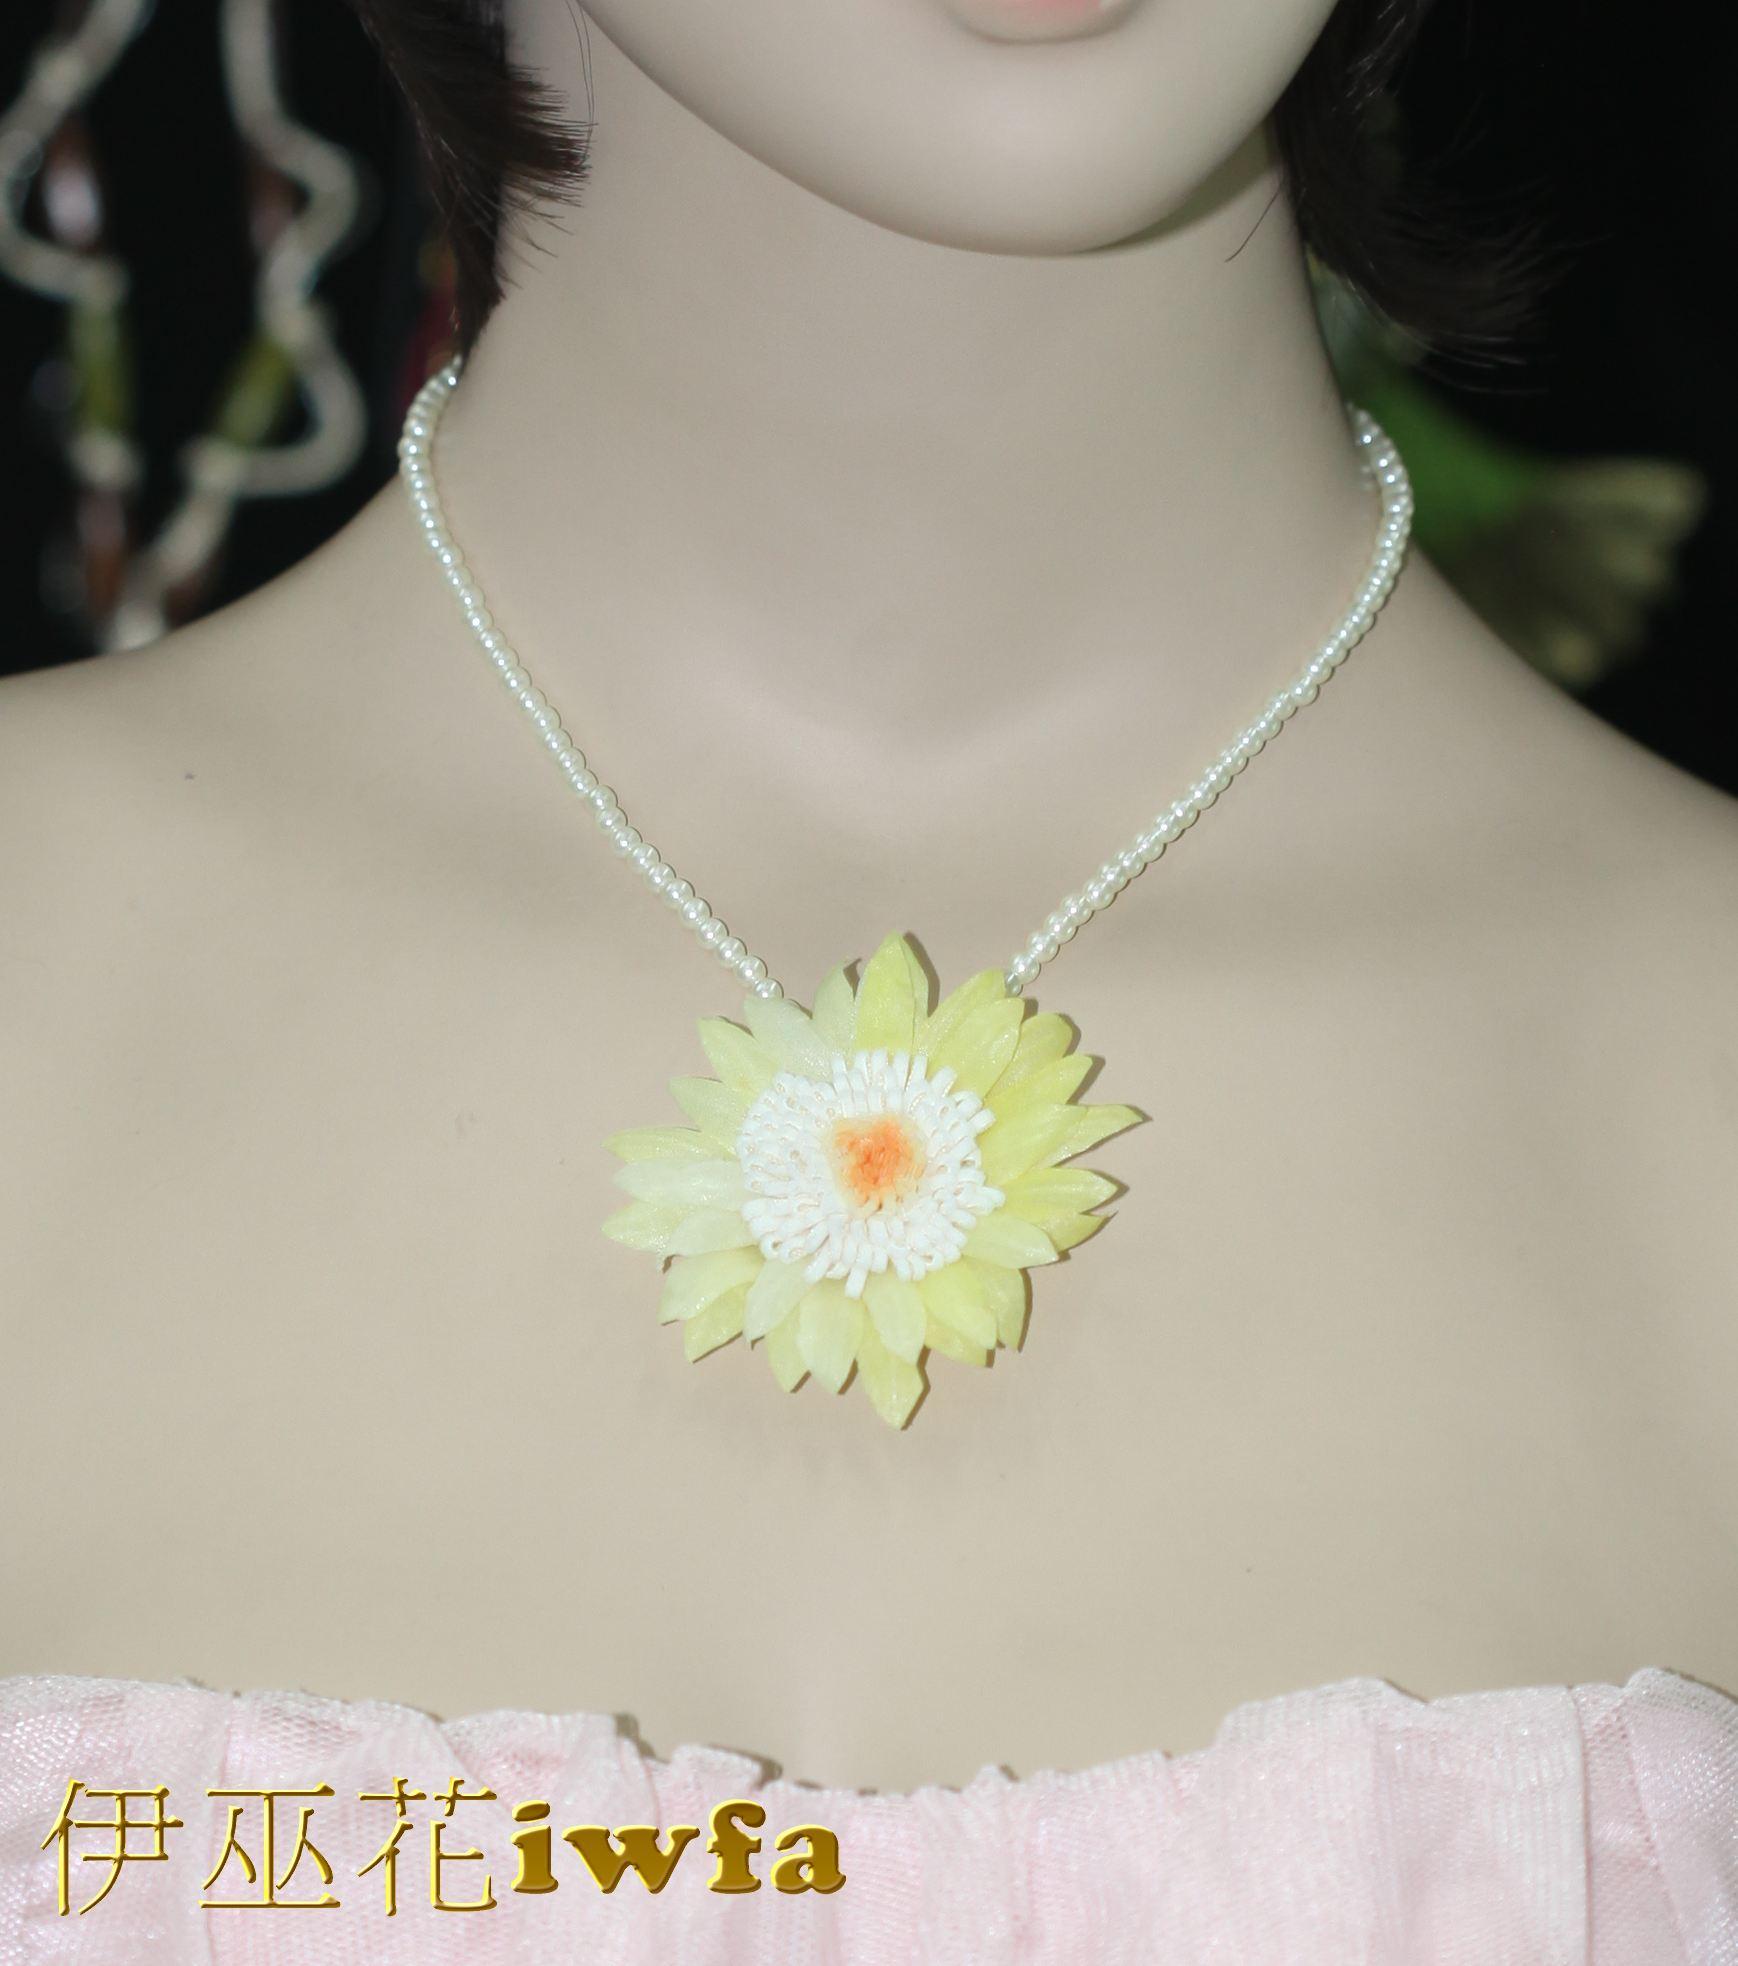 亮珠--活潑的小雛菊-鵝黃